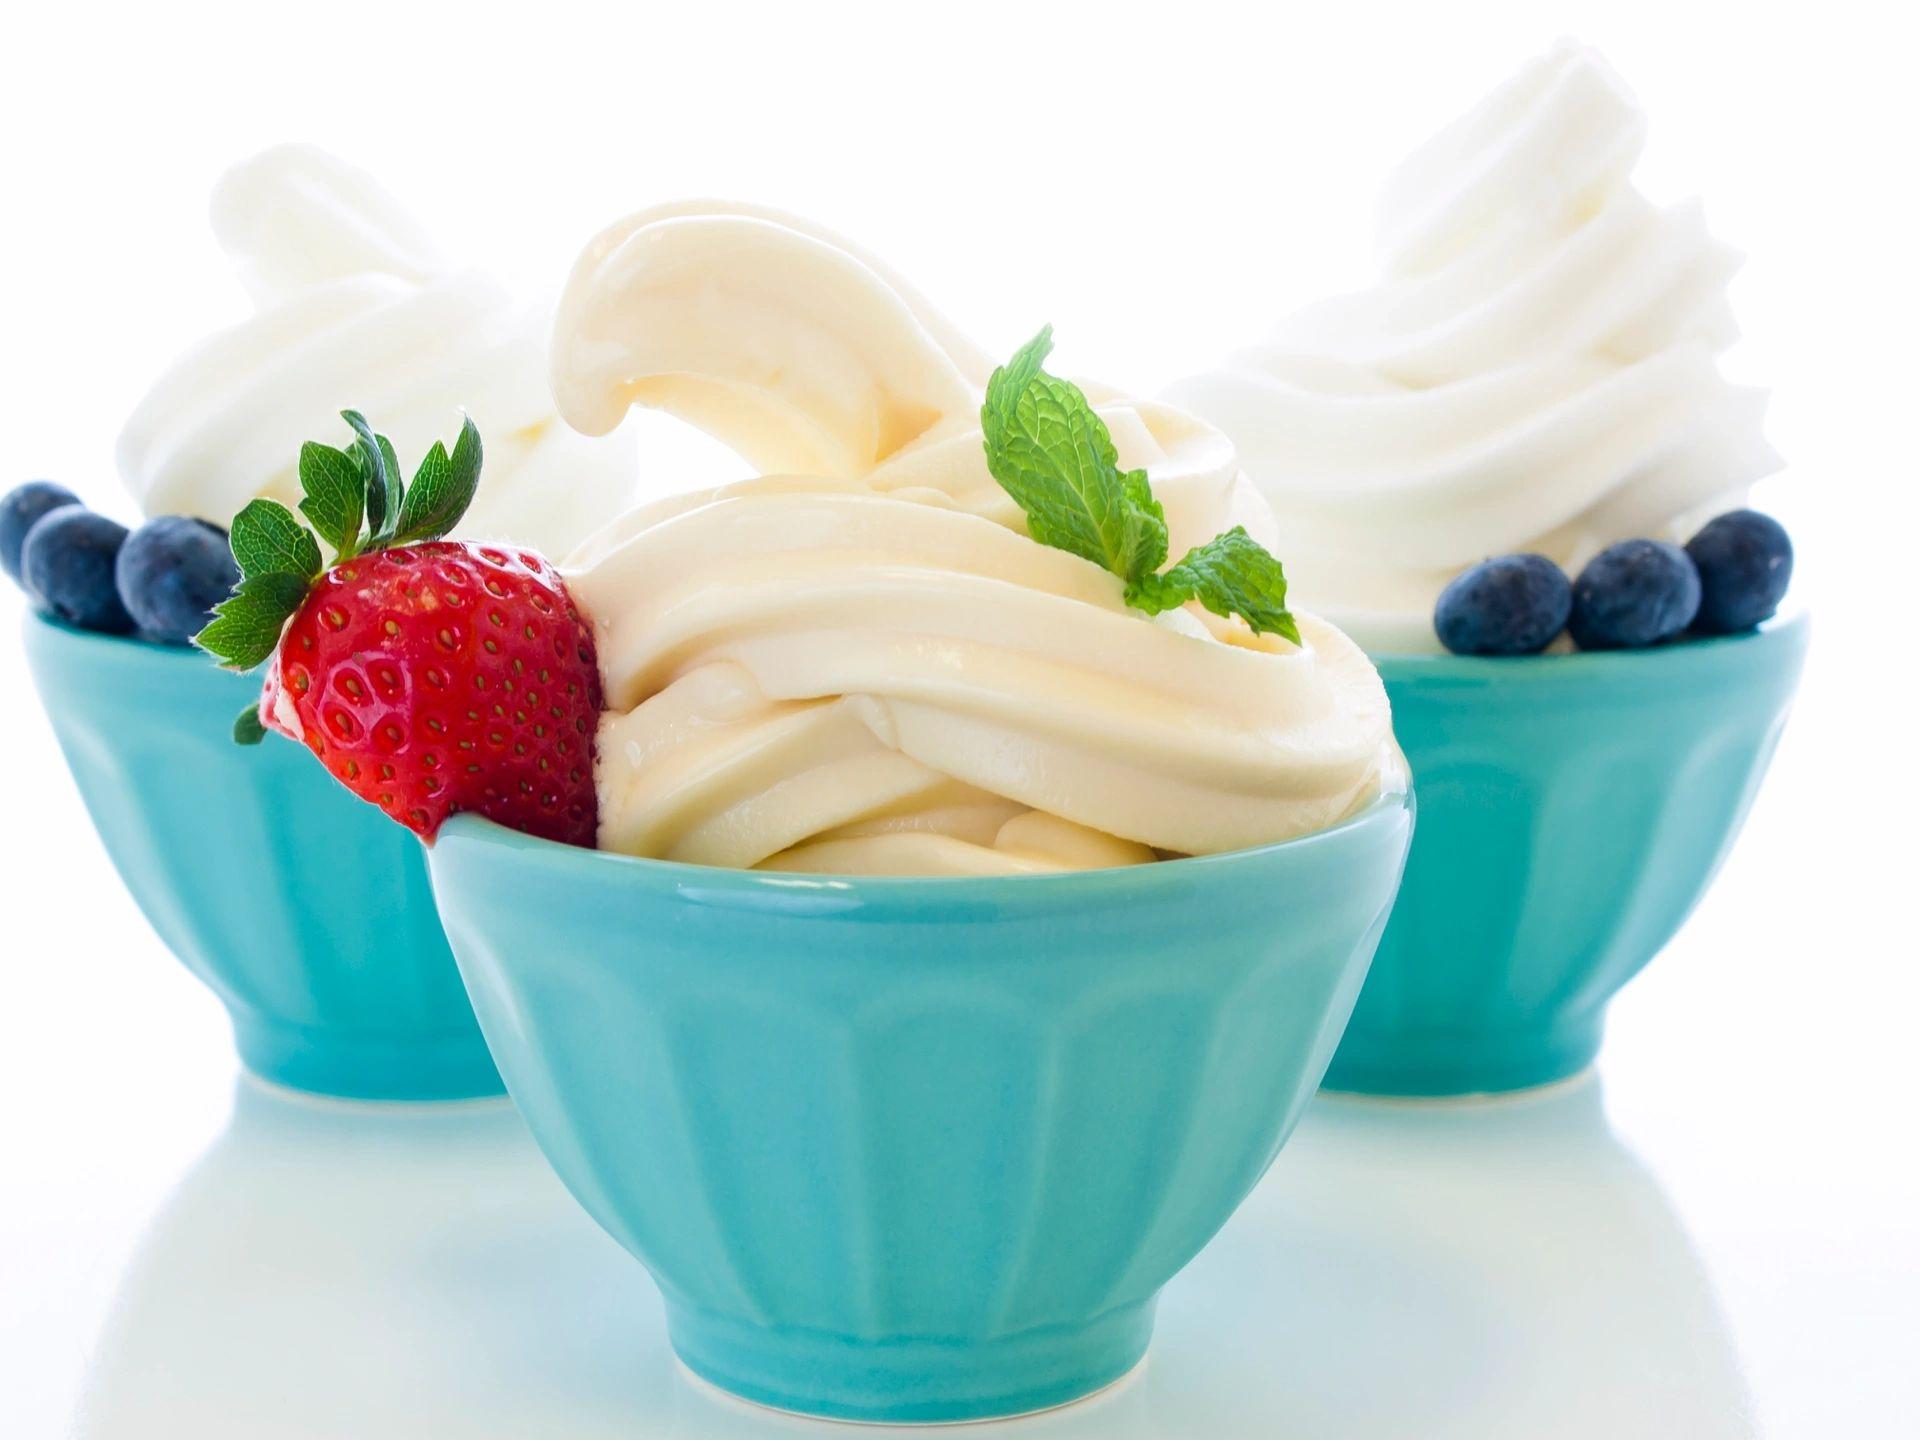 возбудили мороженое на белом фоне фото картинки лансер